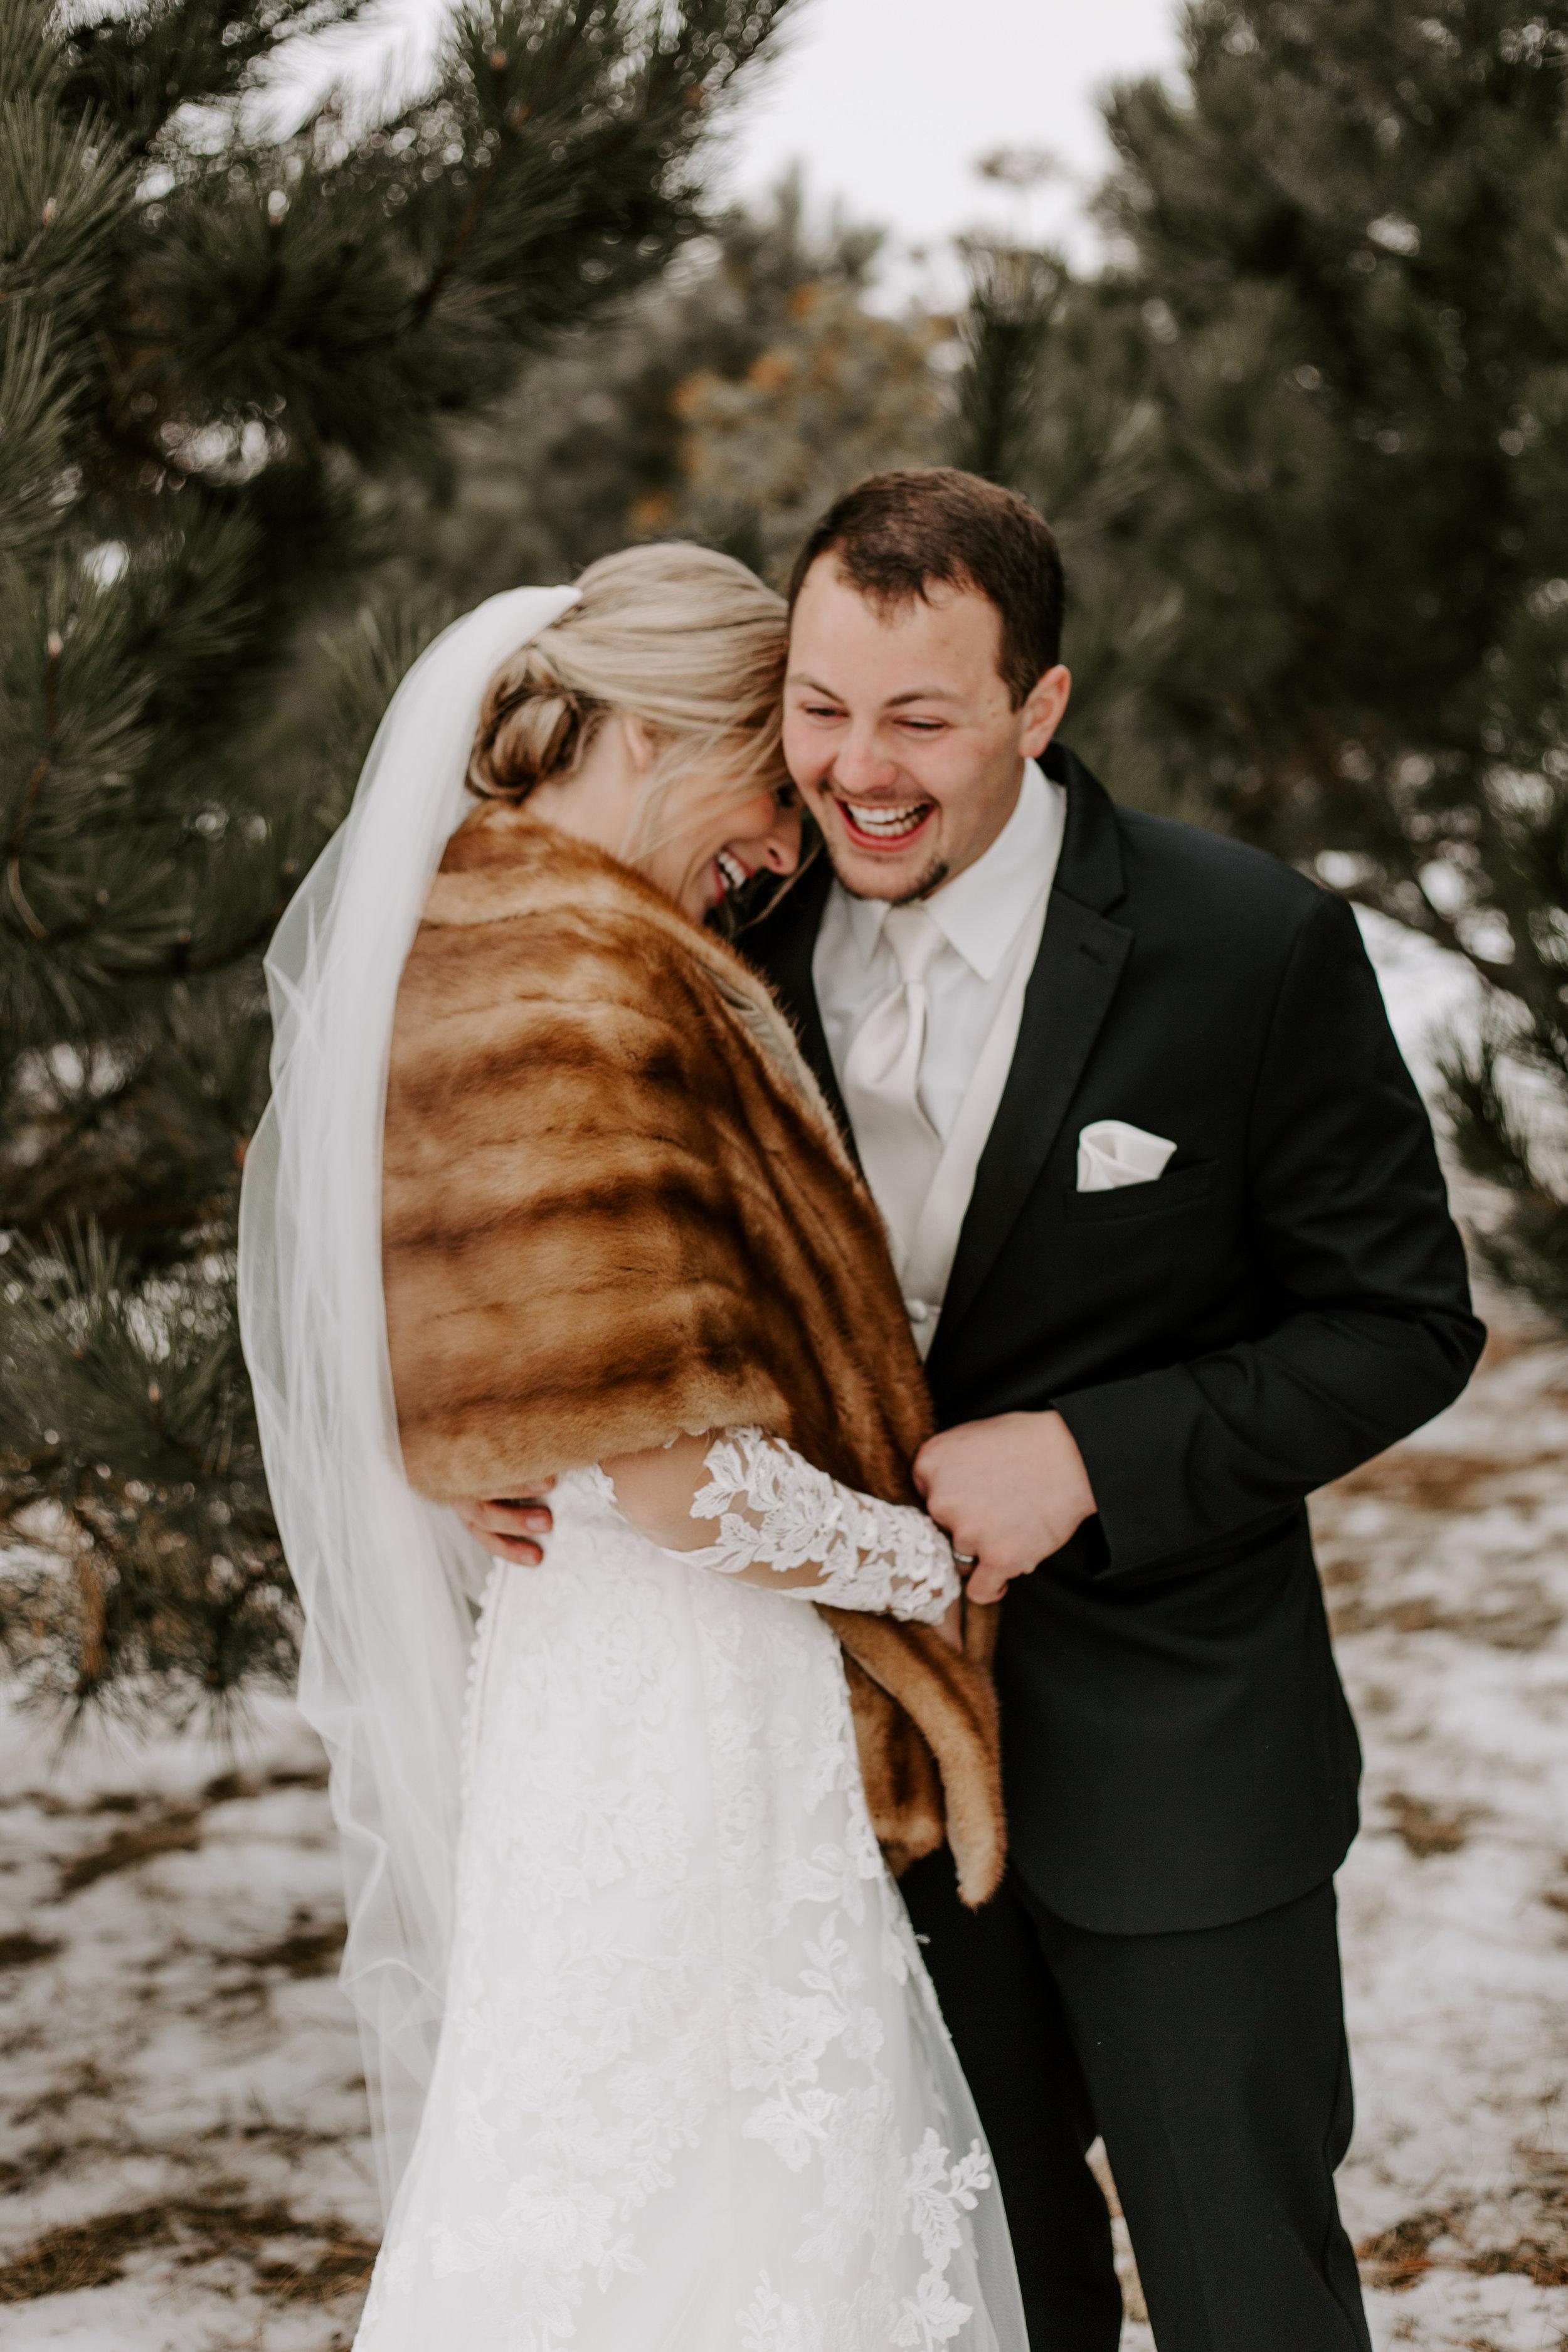 STADHEIM WED | Katie Wilke Co145.jpg